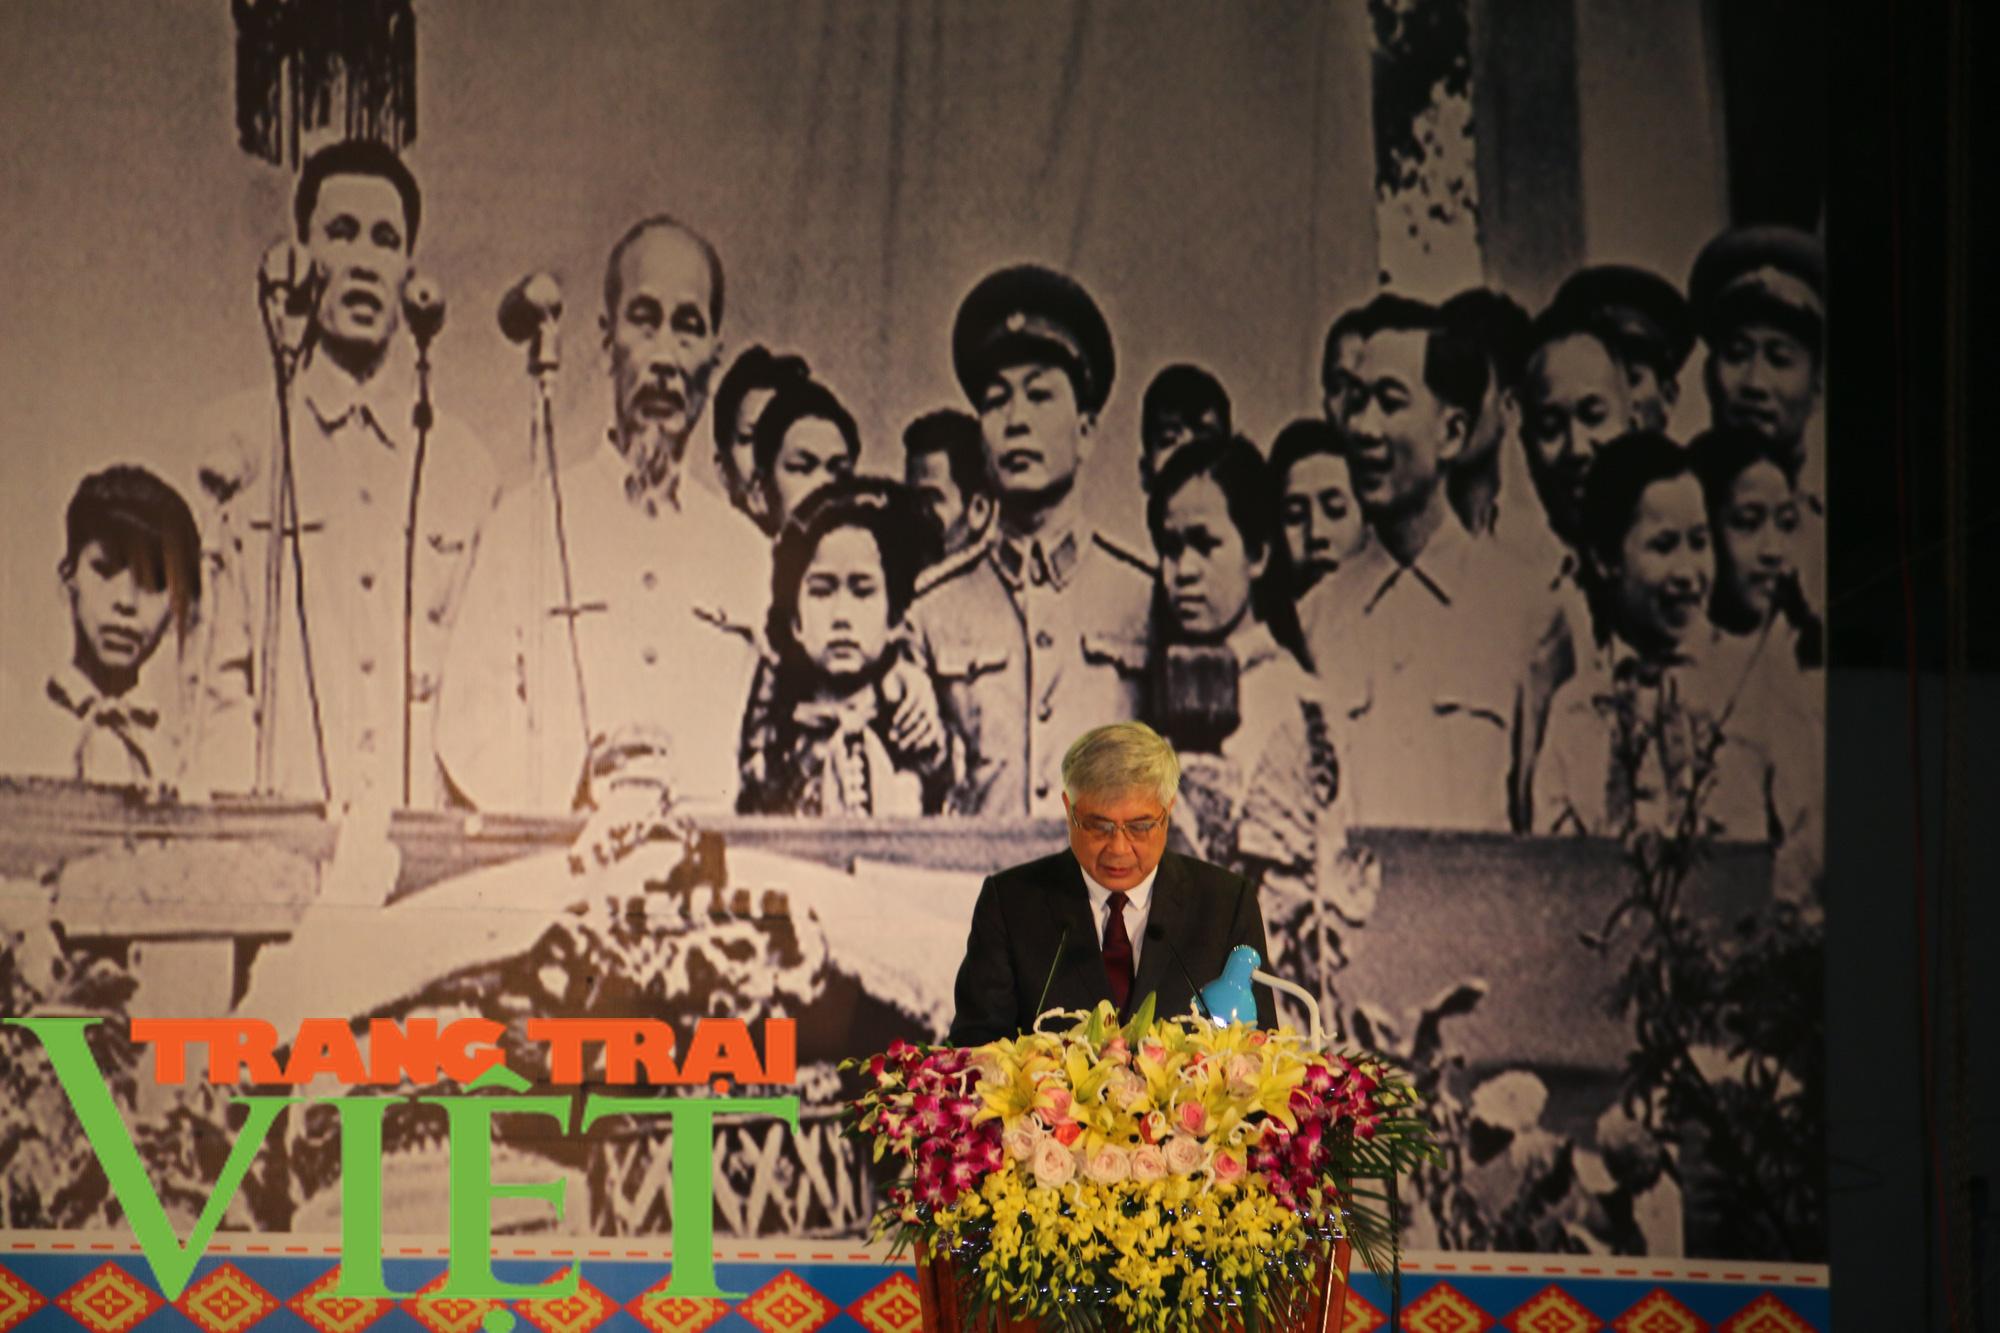 Sơn La: Kỷ niệm 70 năm thành lập Đảng bộ huyện Thuận Châu - Ảnh 1.